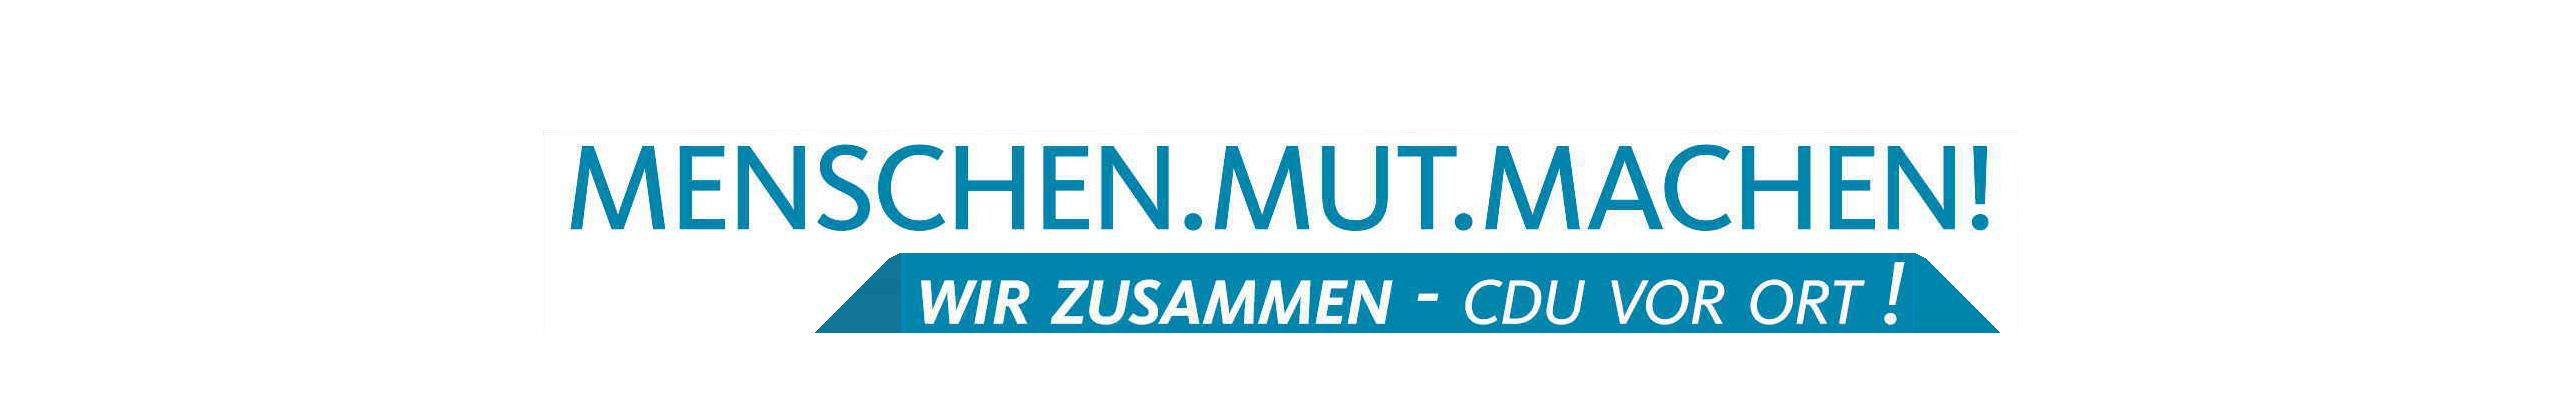 Unsere aktuellen Projekte | CDU Horstmar und Leer